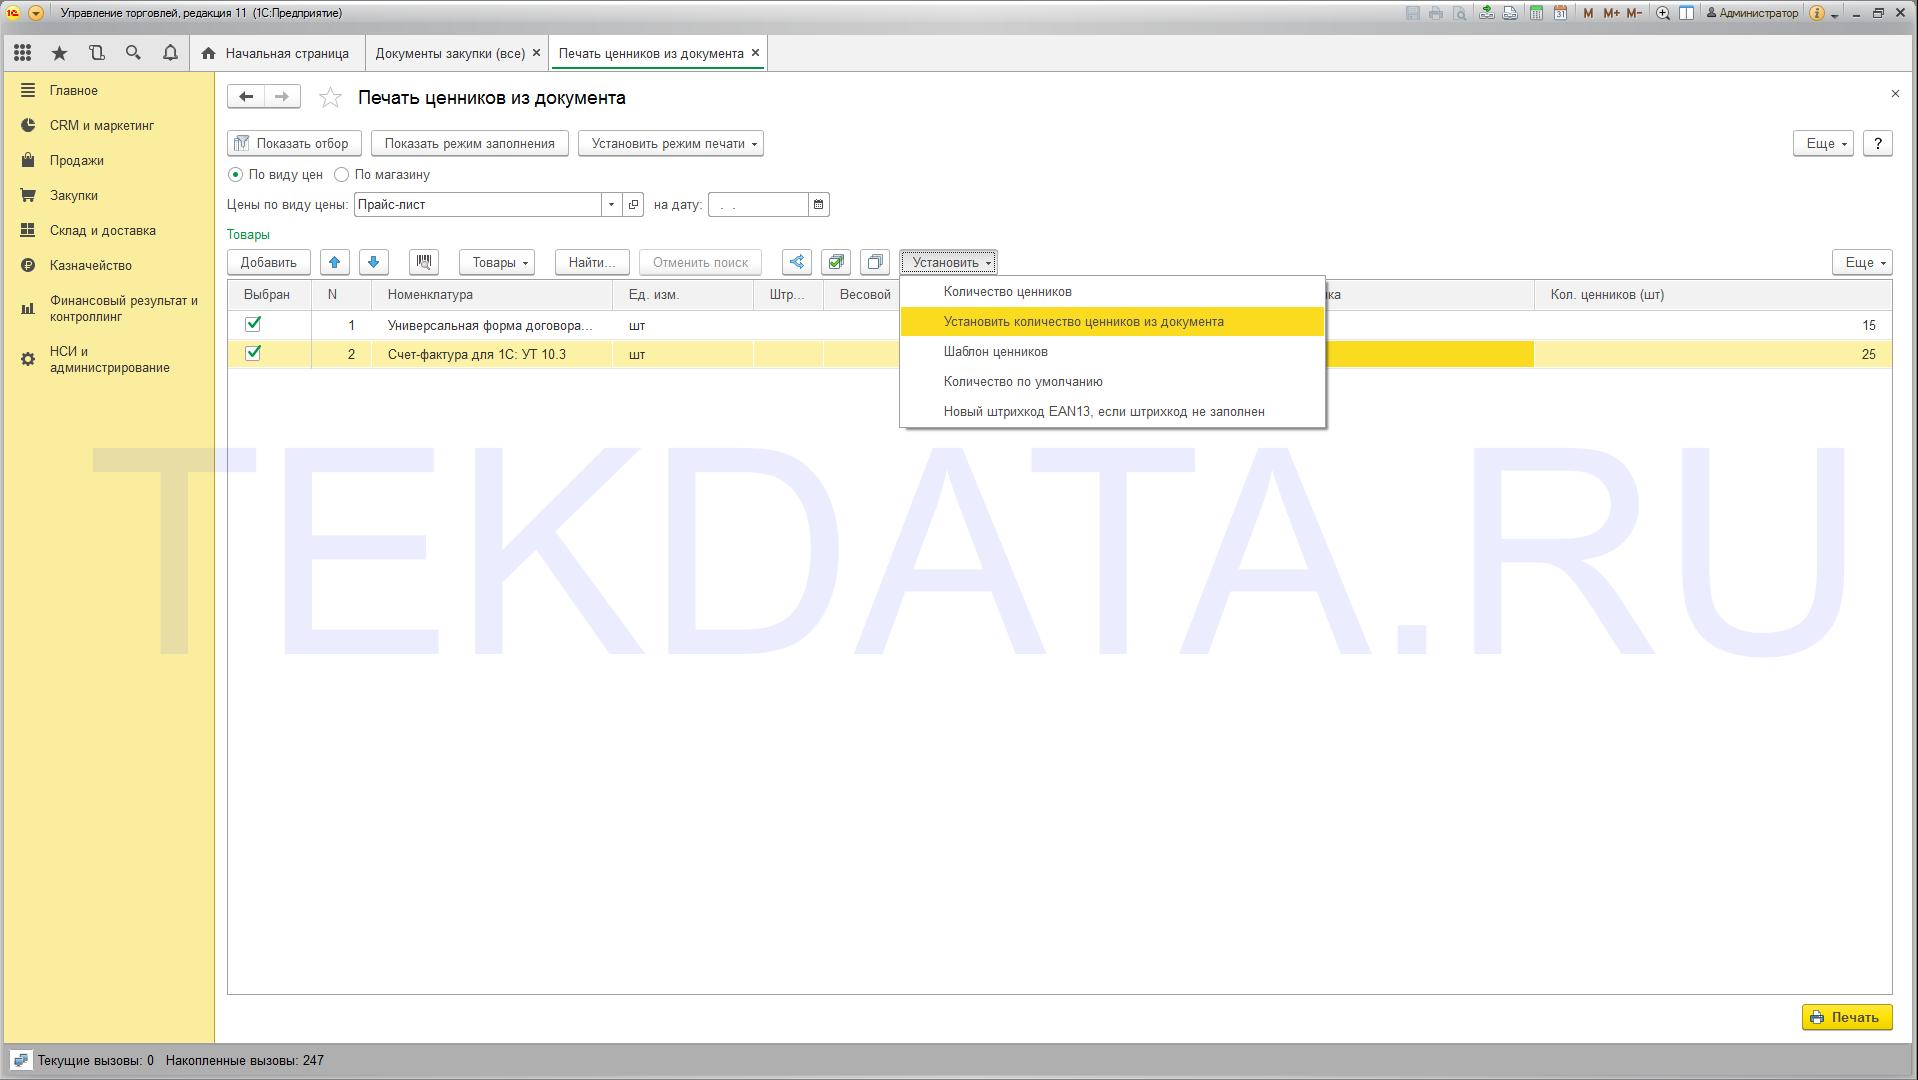 Расширение «Установка количества ценников по количеству из документа» для 1С: УТ 11.2 при печати ценников